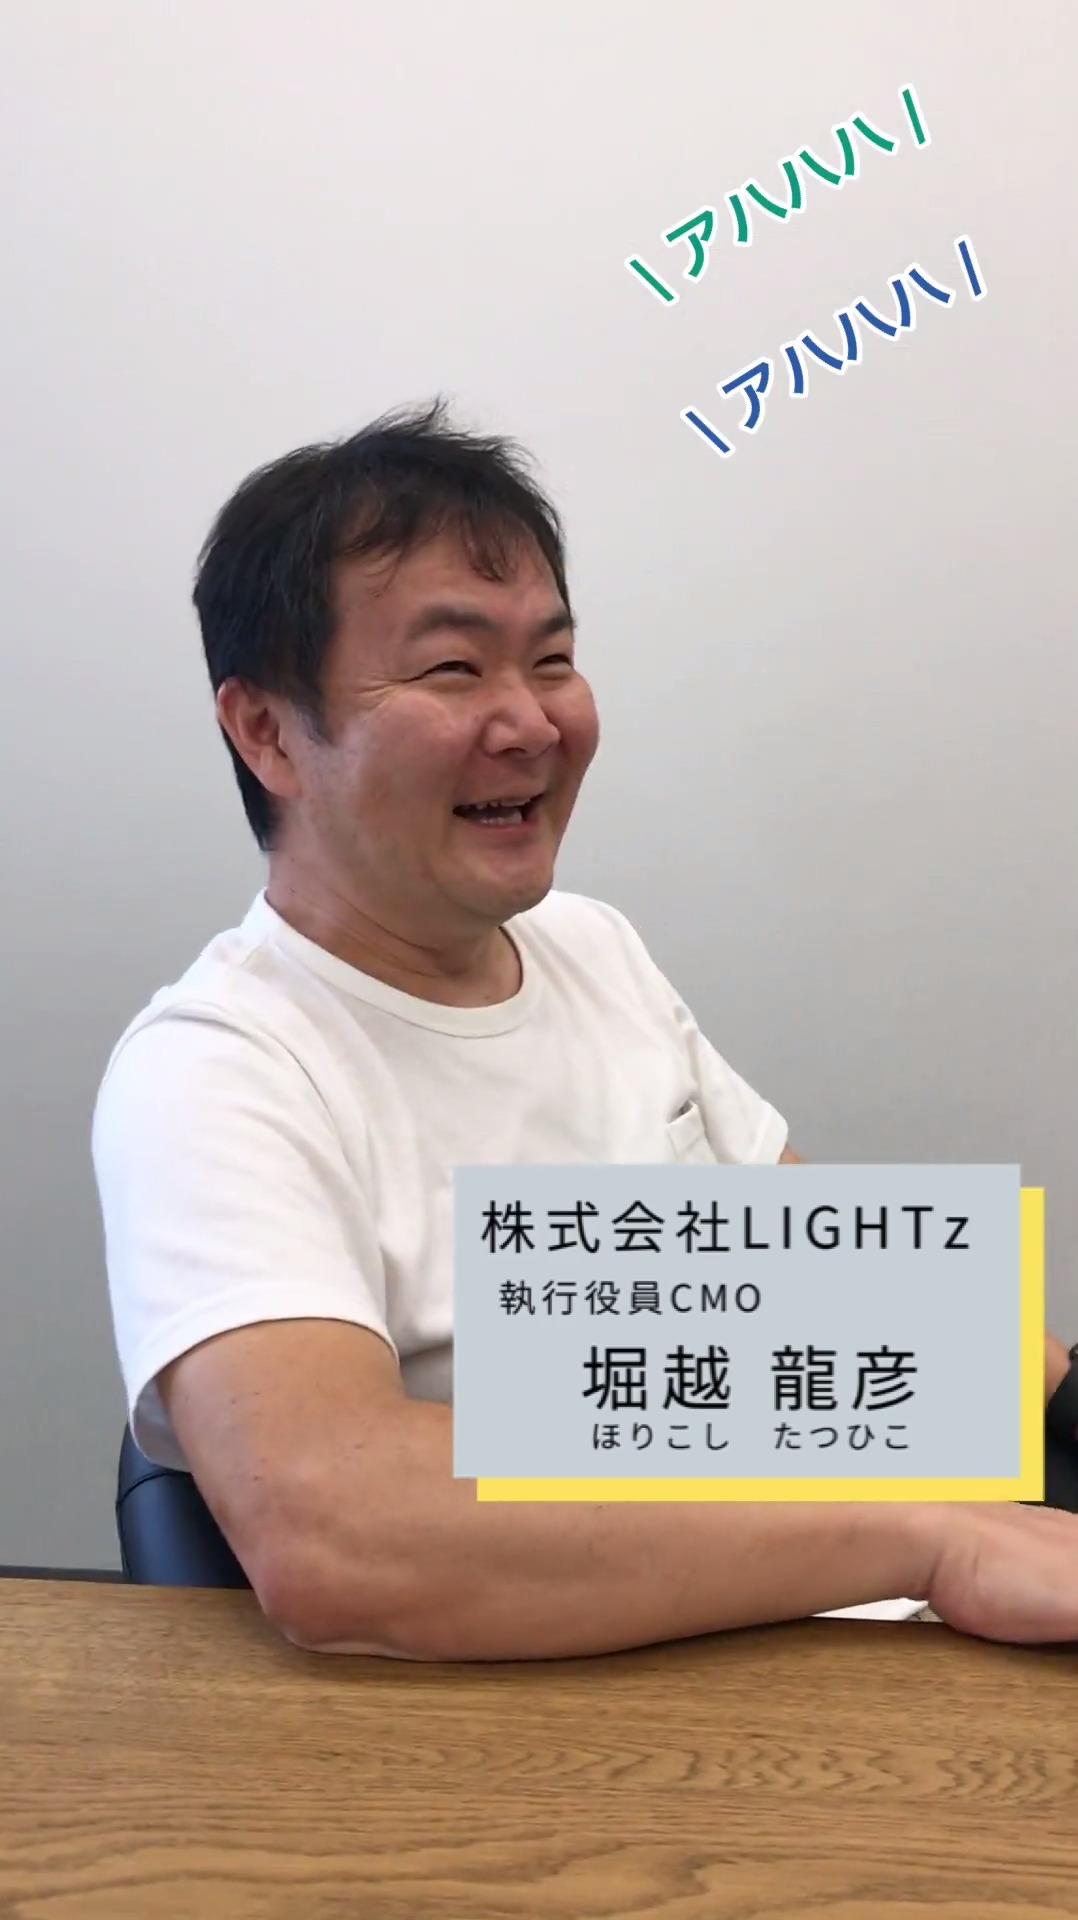 LIGHTz執行役員CMOが語る乙部社長の人柄とは?一同爆笑。【採用動画】